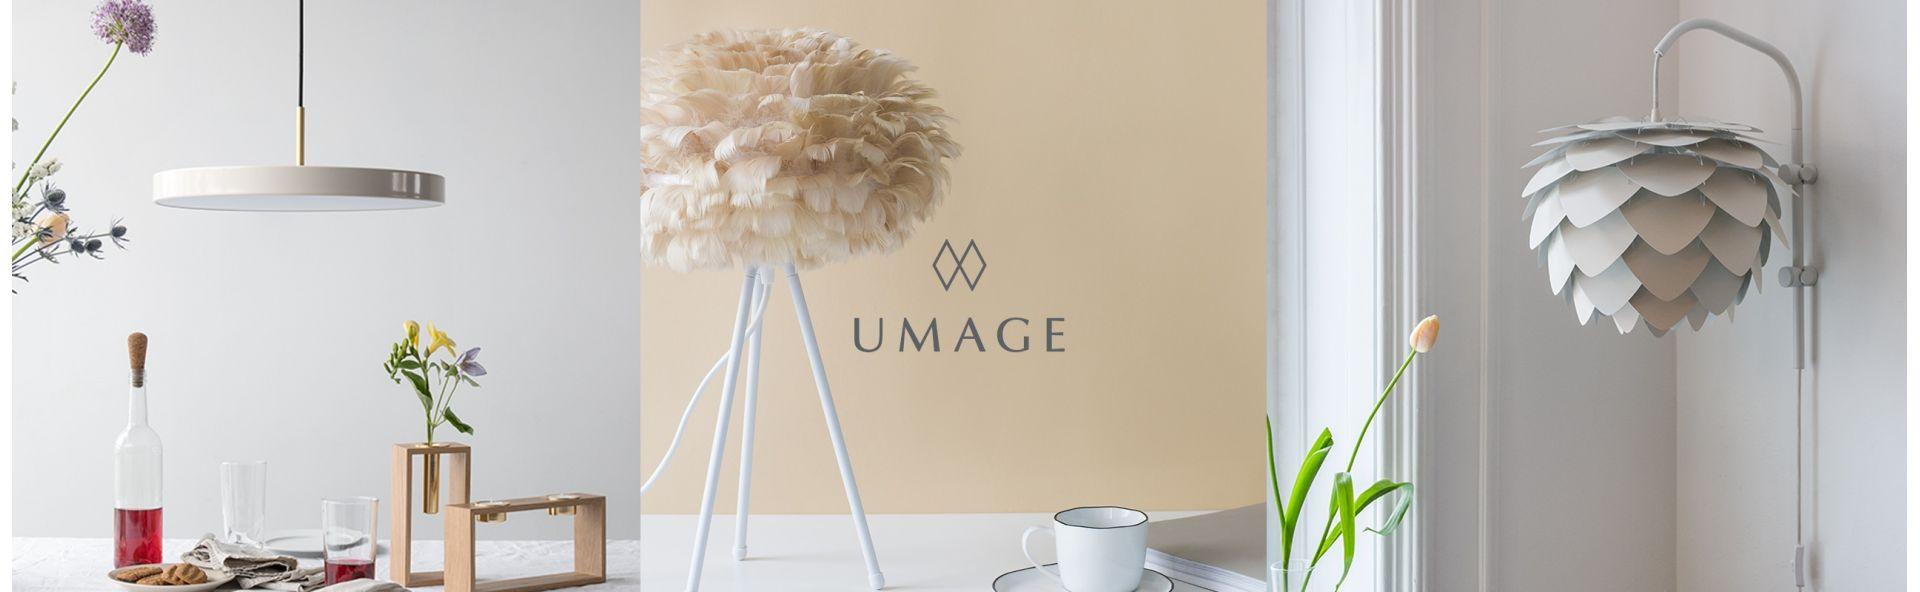 UMAGE Distribuidores Oficiales